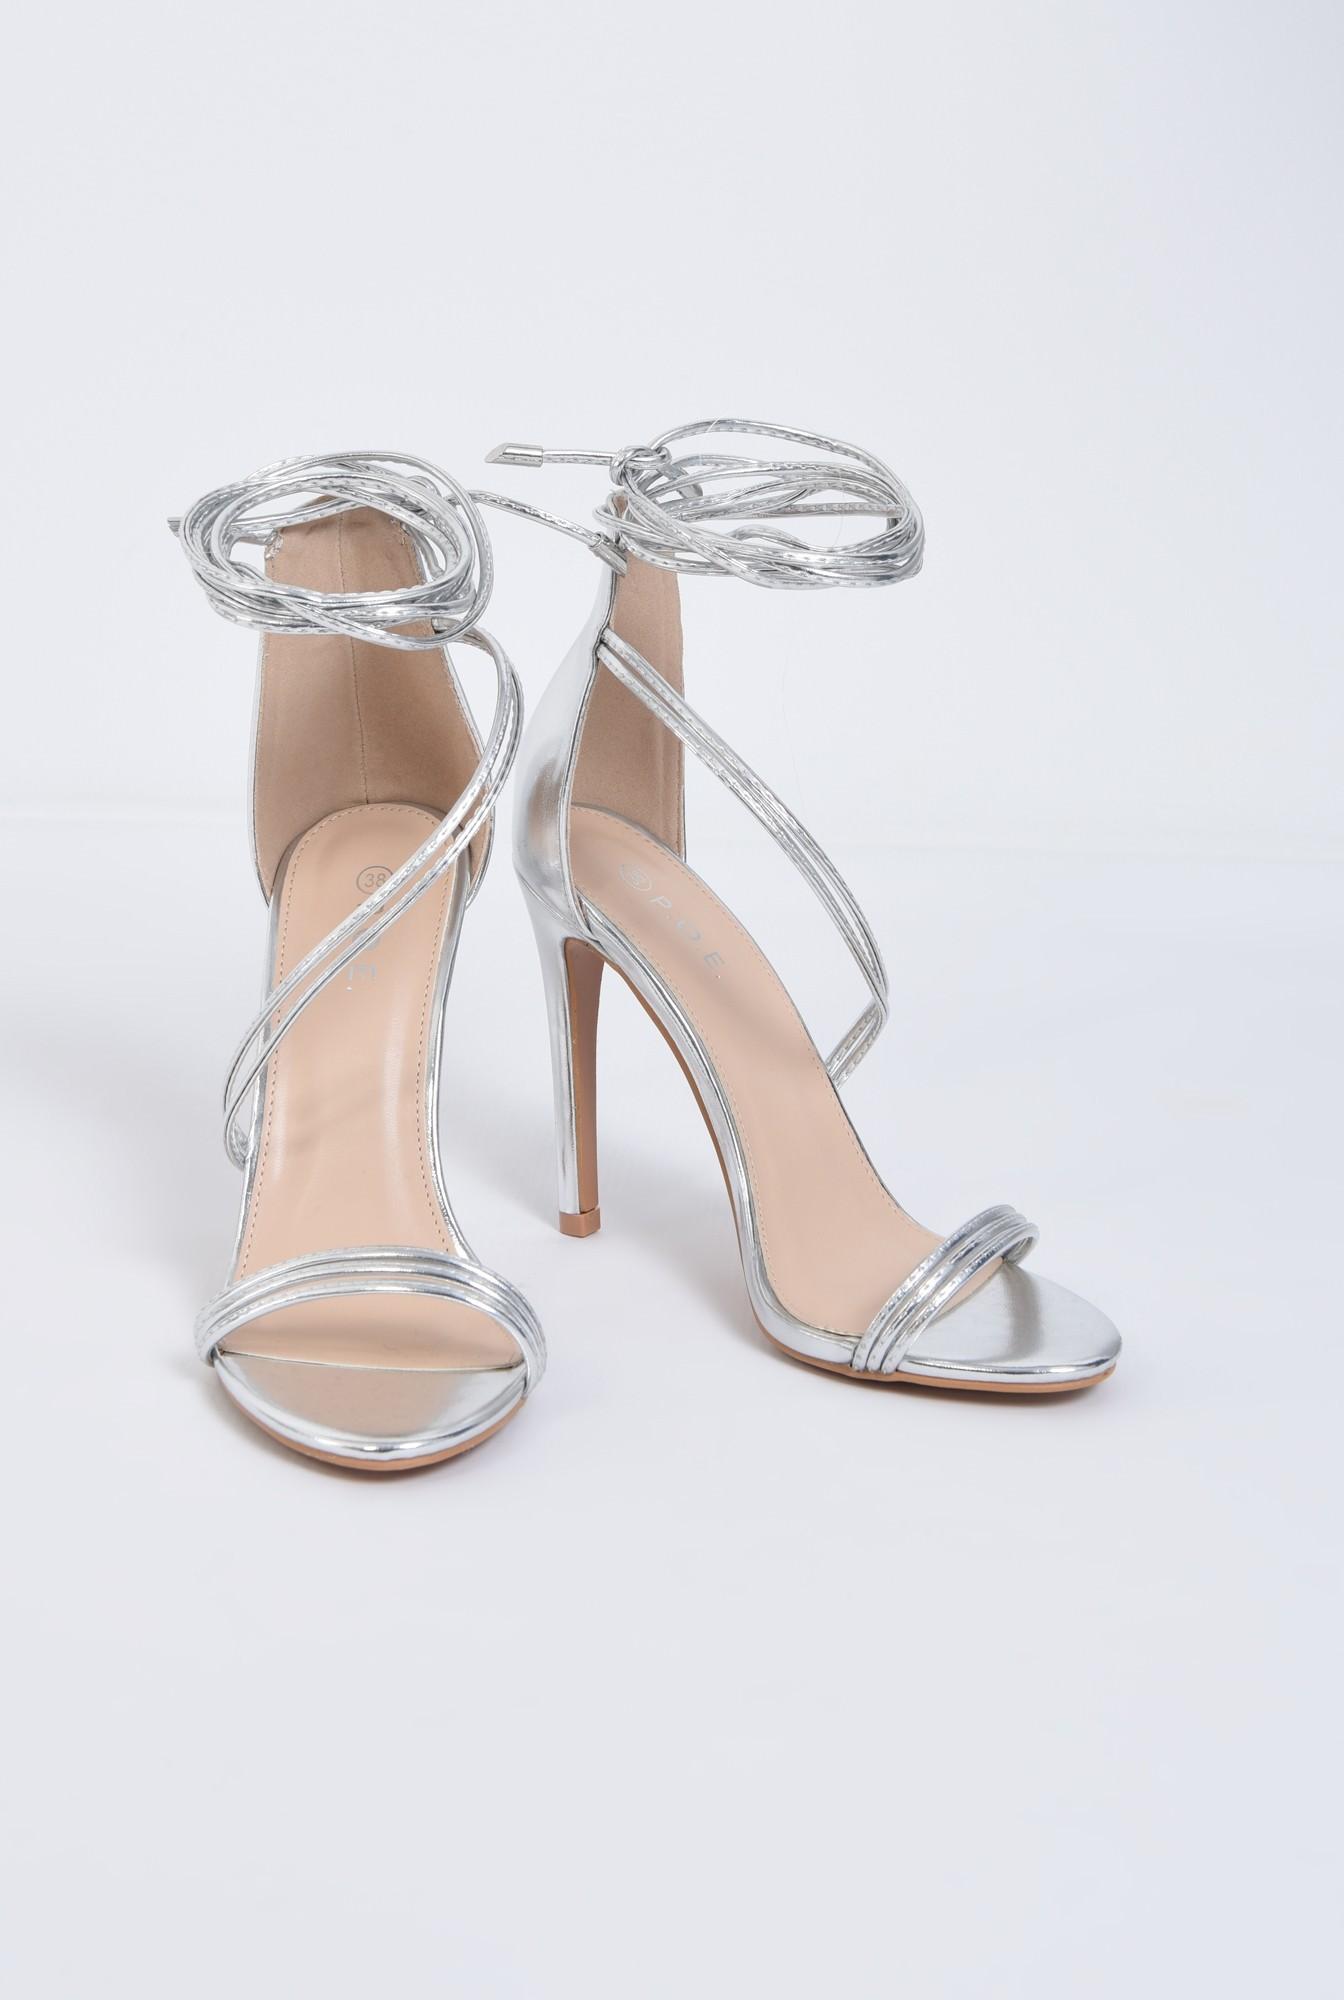 3 - sandale de ocazie, argintiu, metalizat, toc inalt